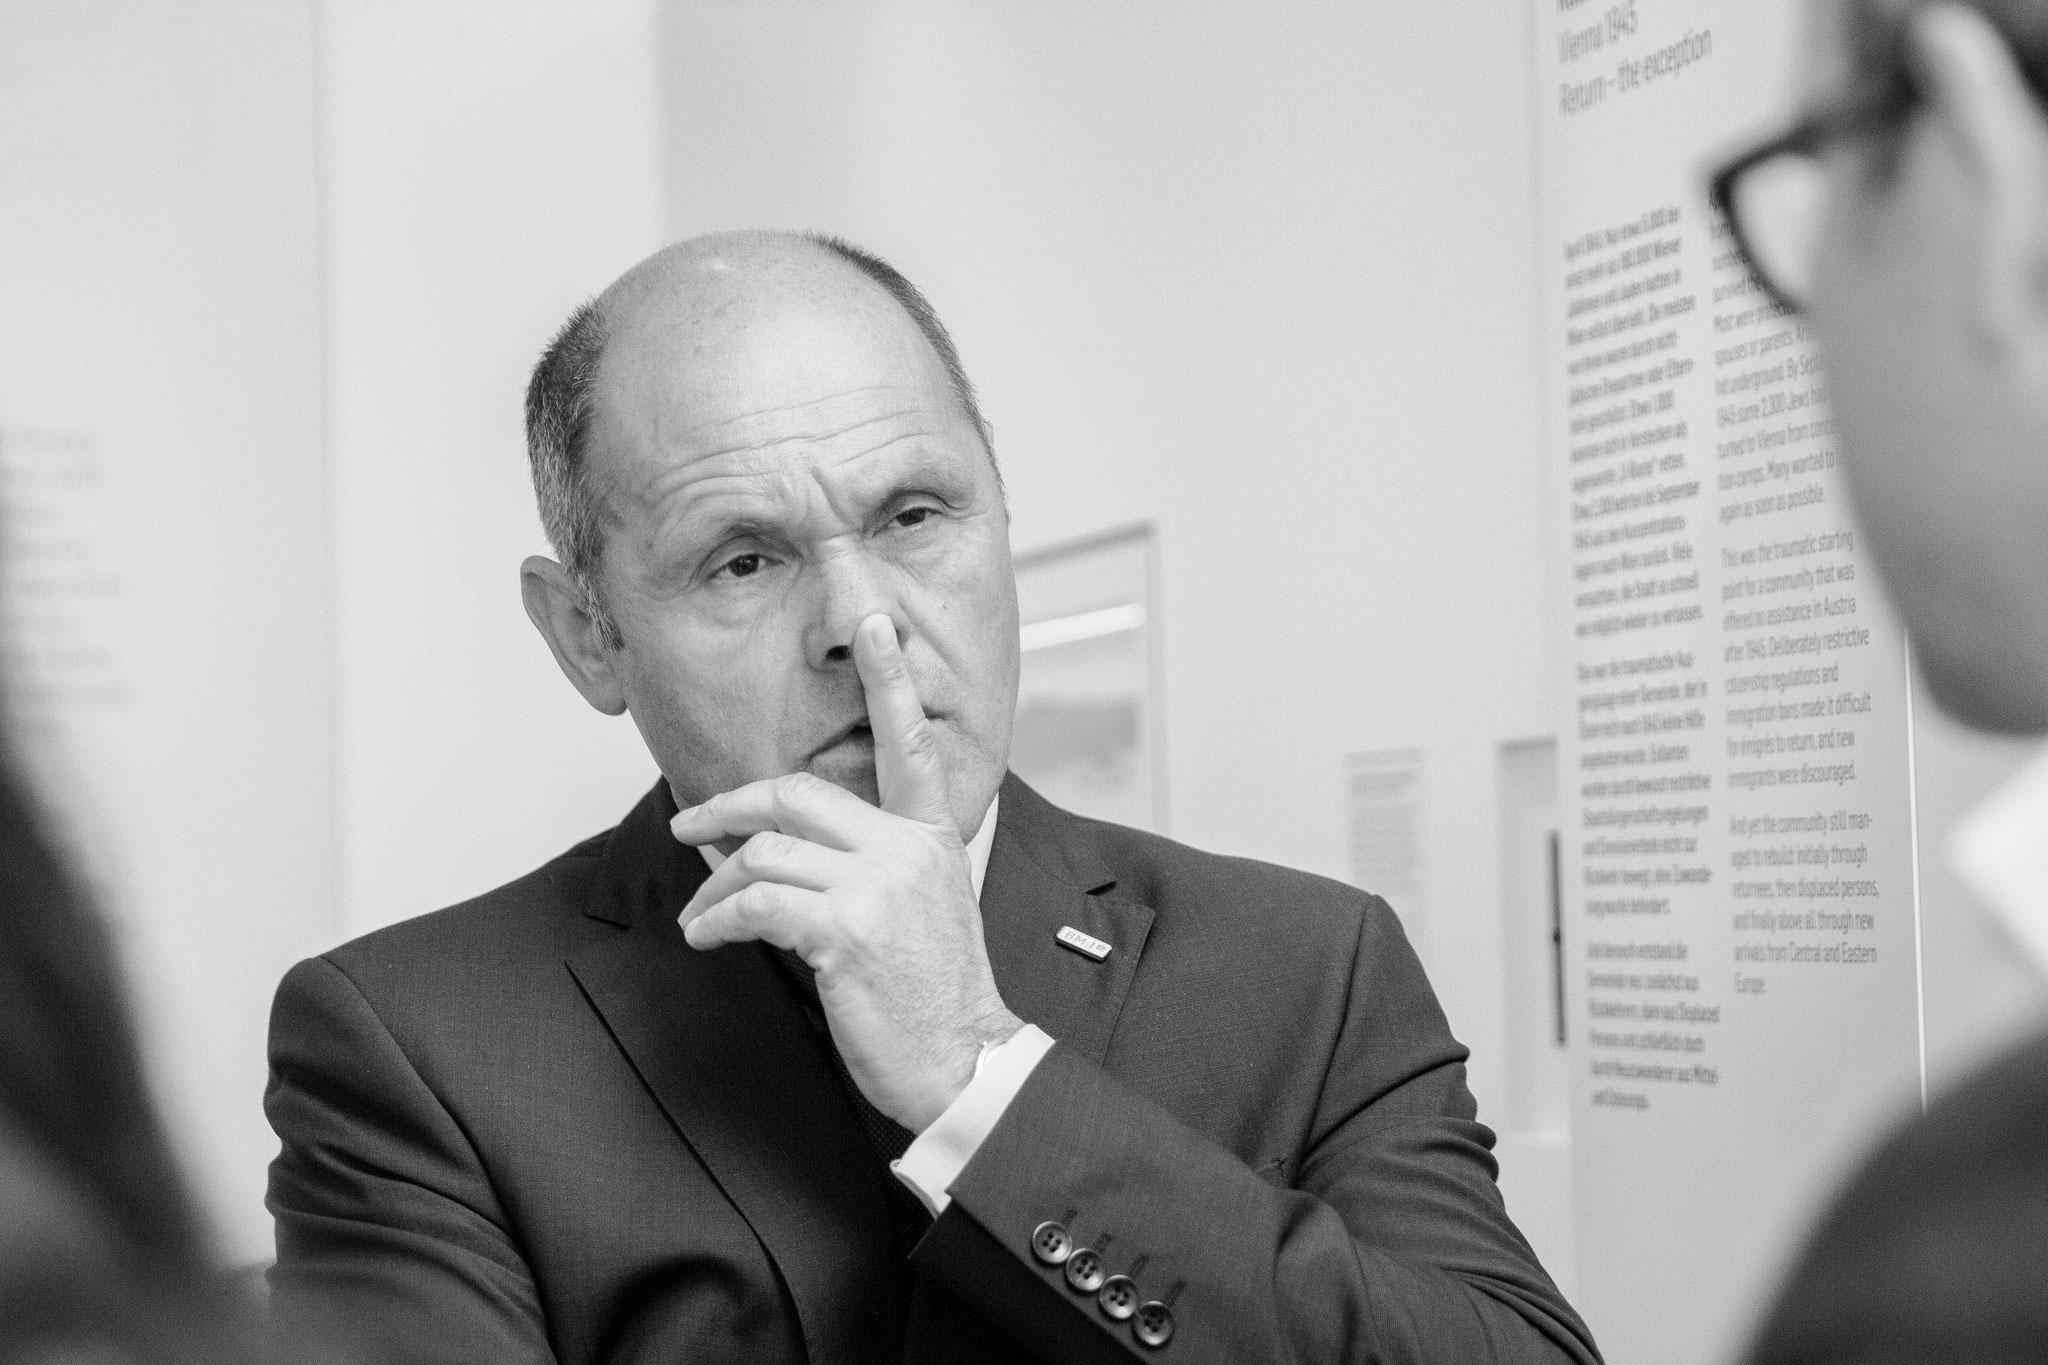 BM Wolfgang Sobotka